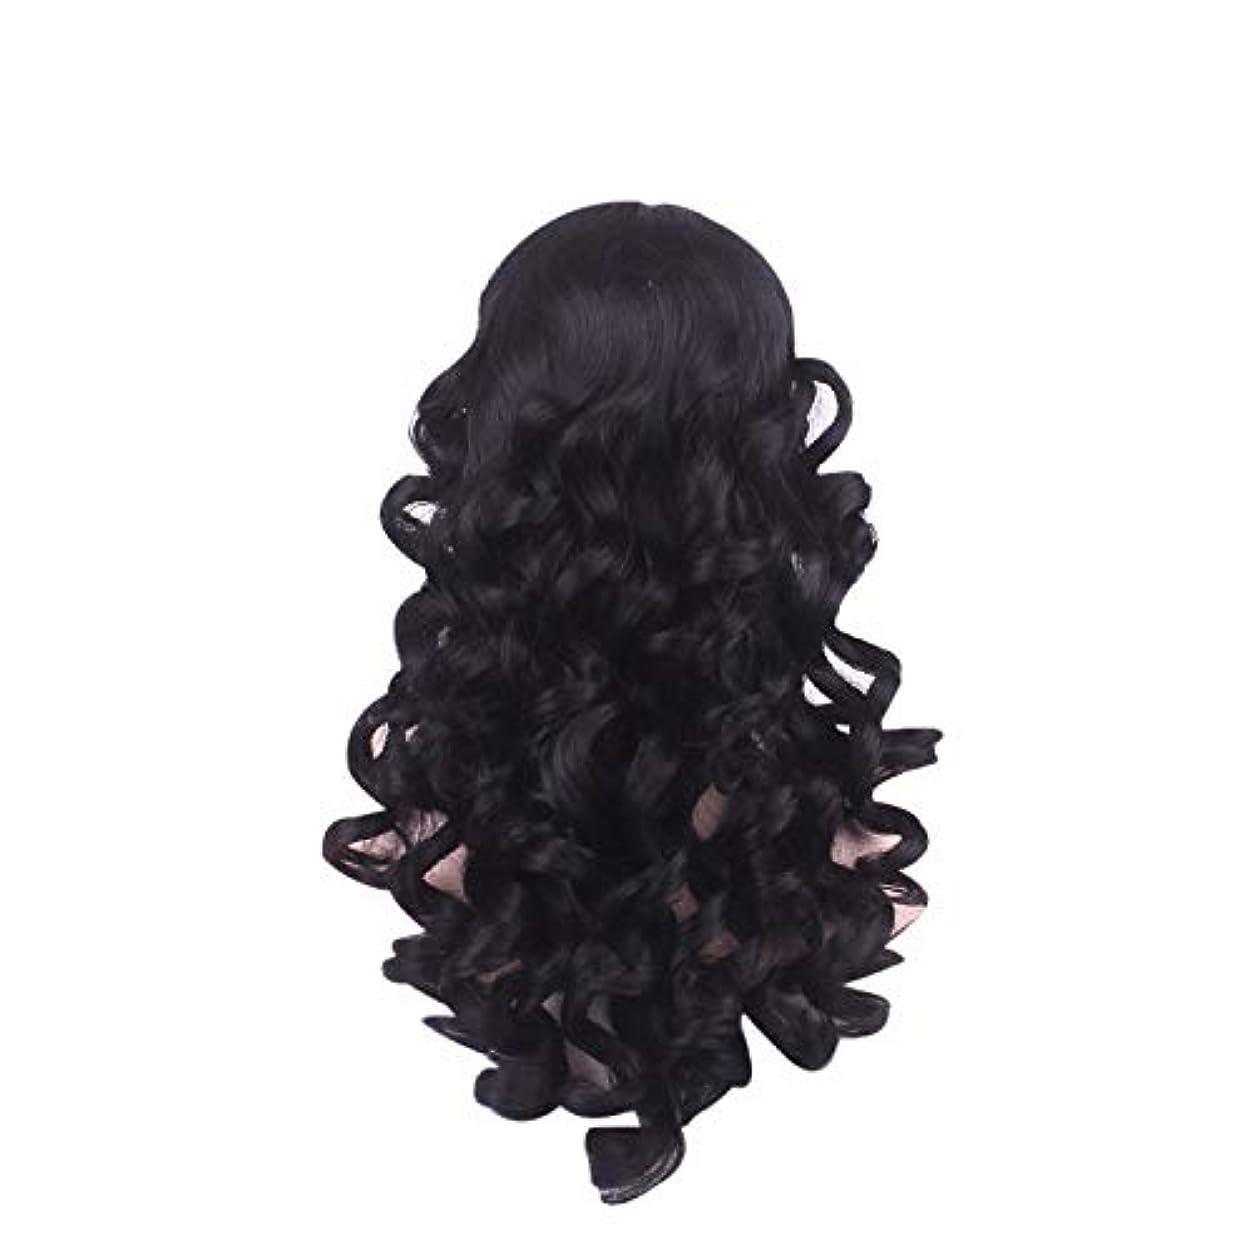 不平を言うピクニックをする繁栄する女性の長い巻き毛のファッションかつらローズネット65 cm